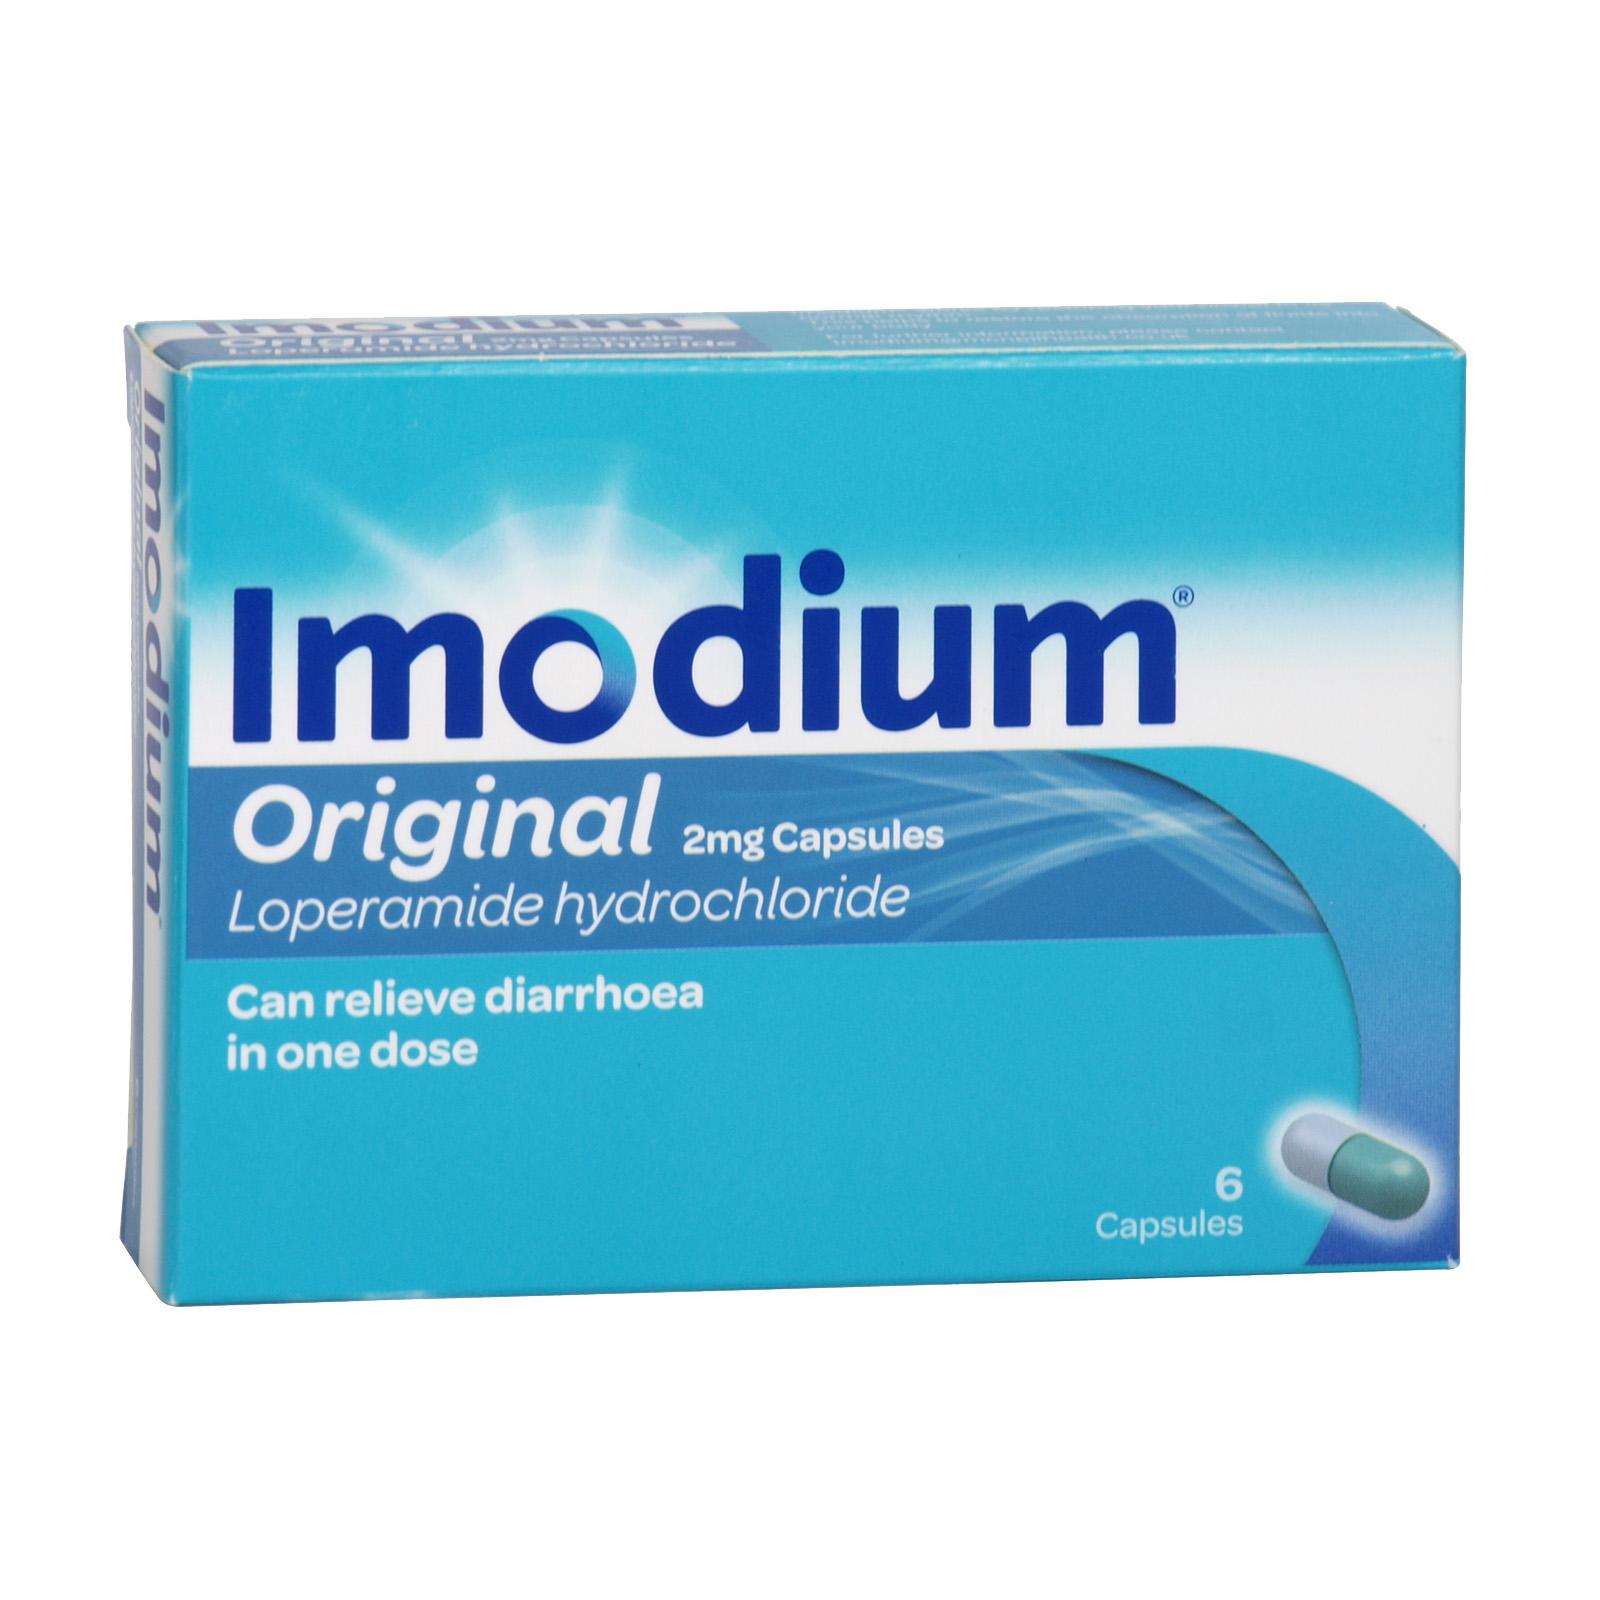 IMODIUM CAPSULES 6S X6